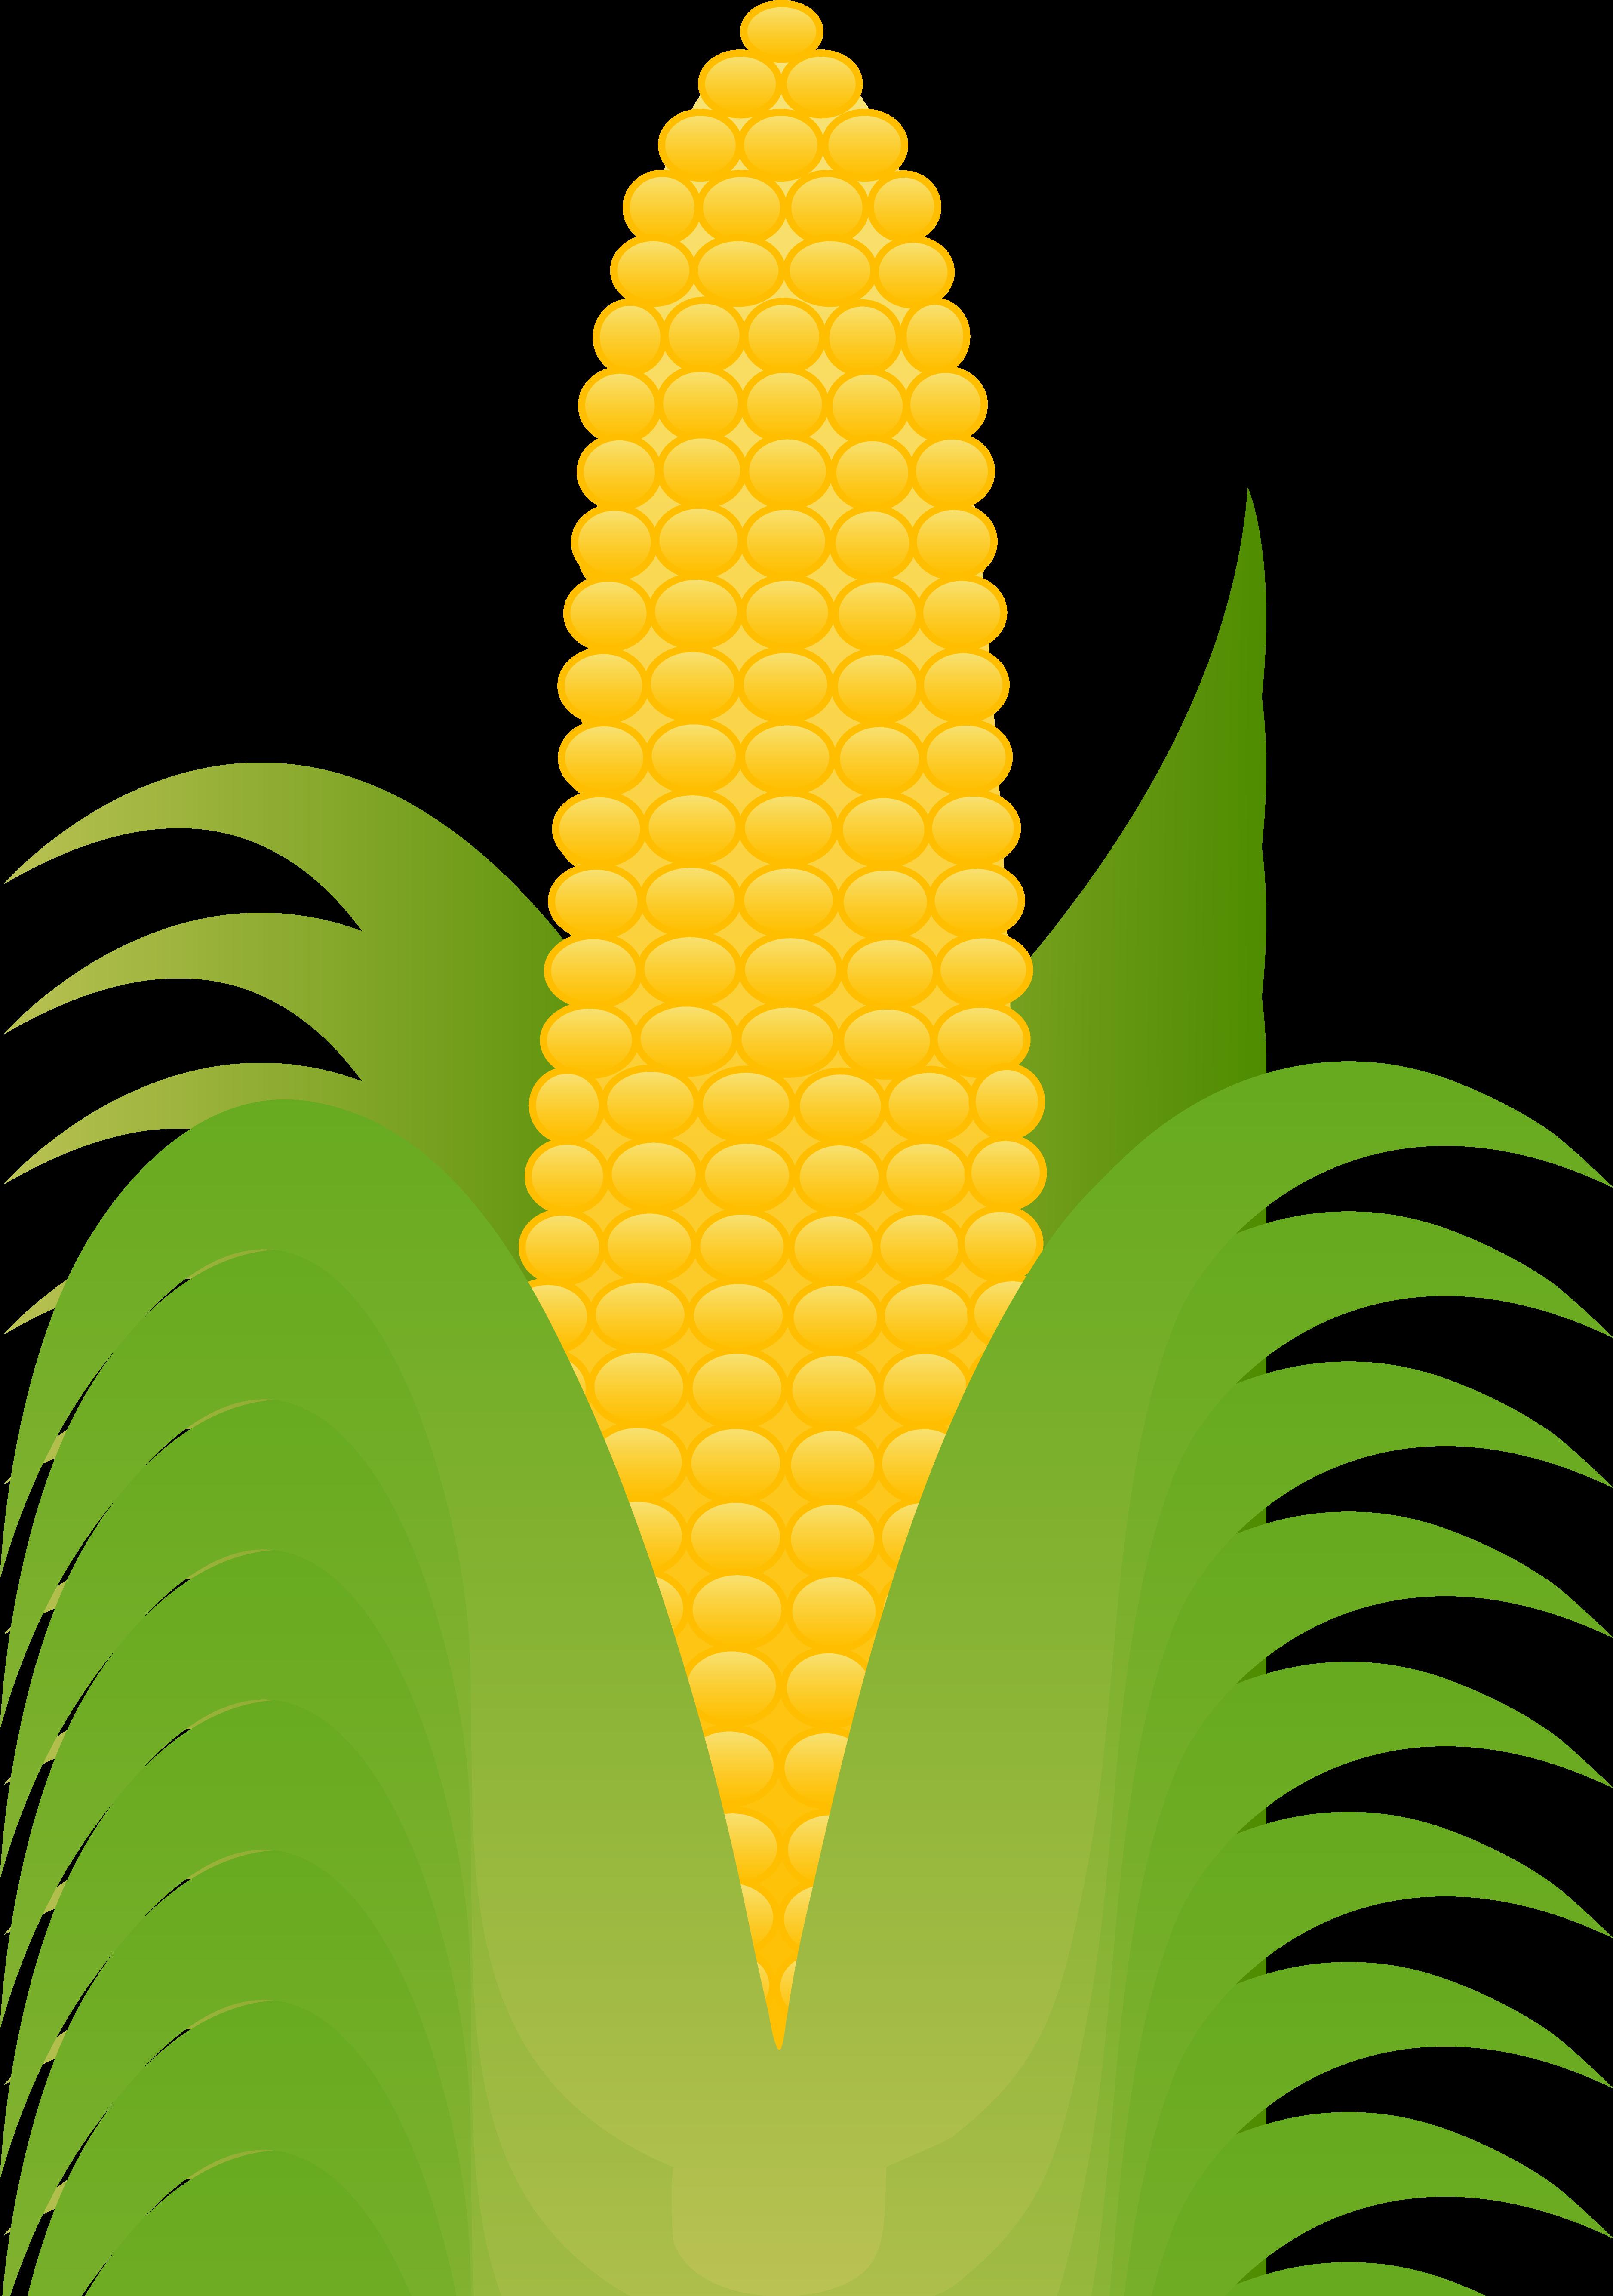 3751x5338 Ear Of Yellow Corn